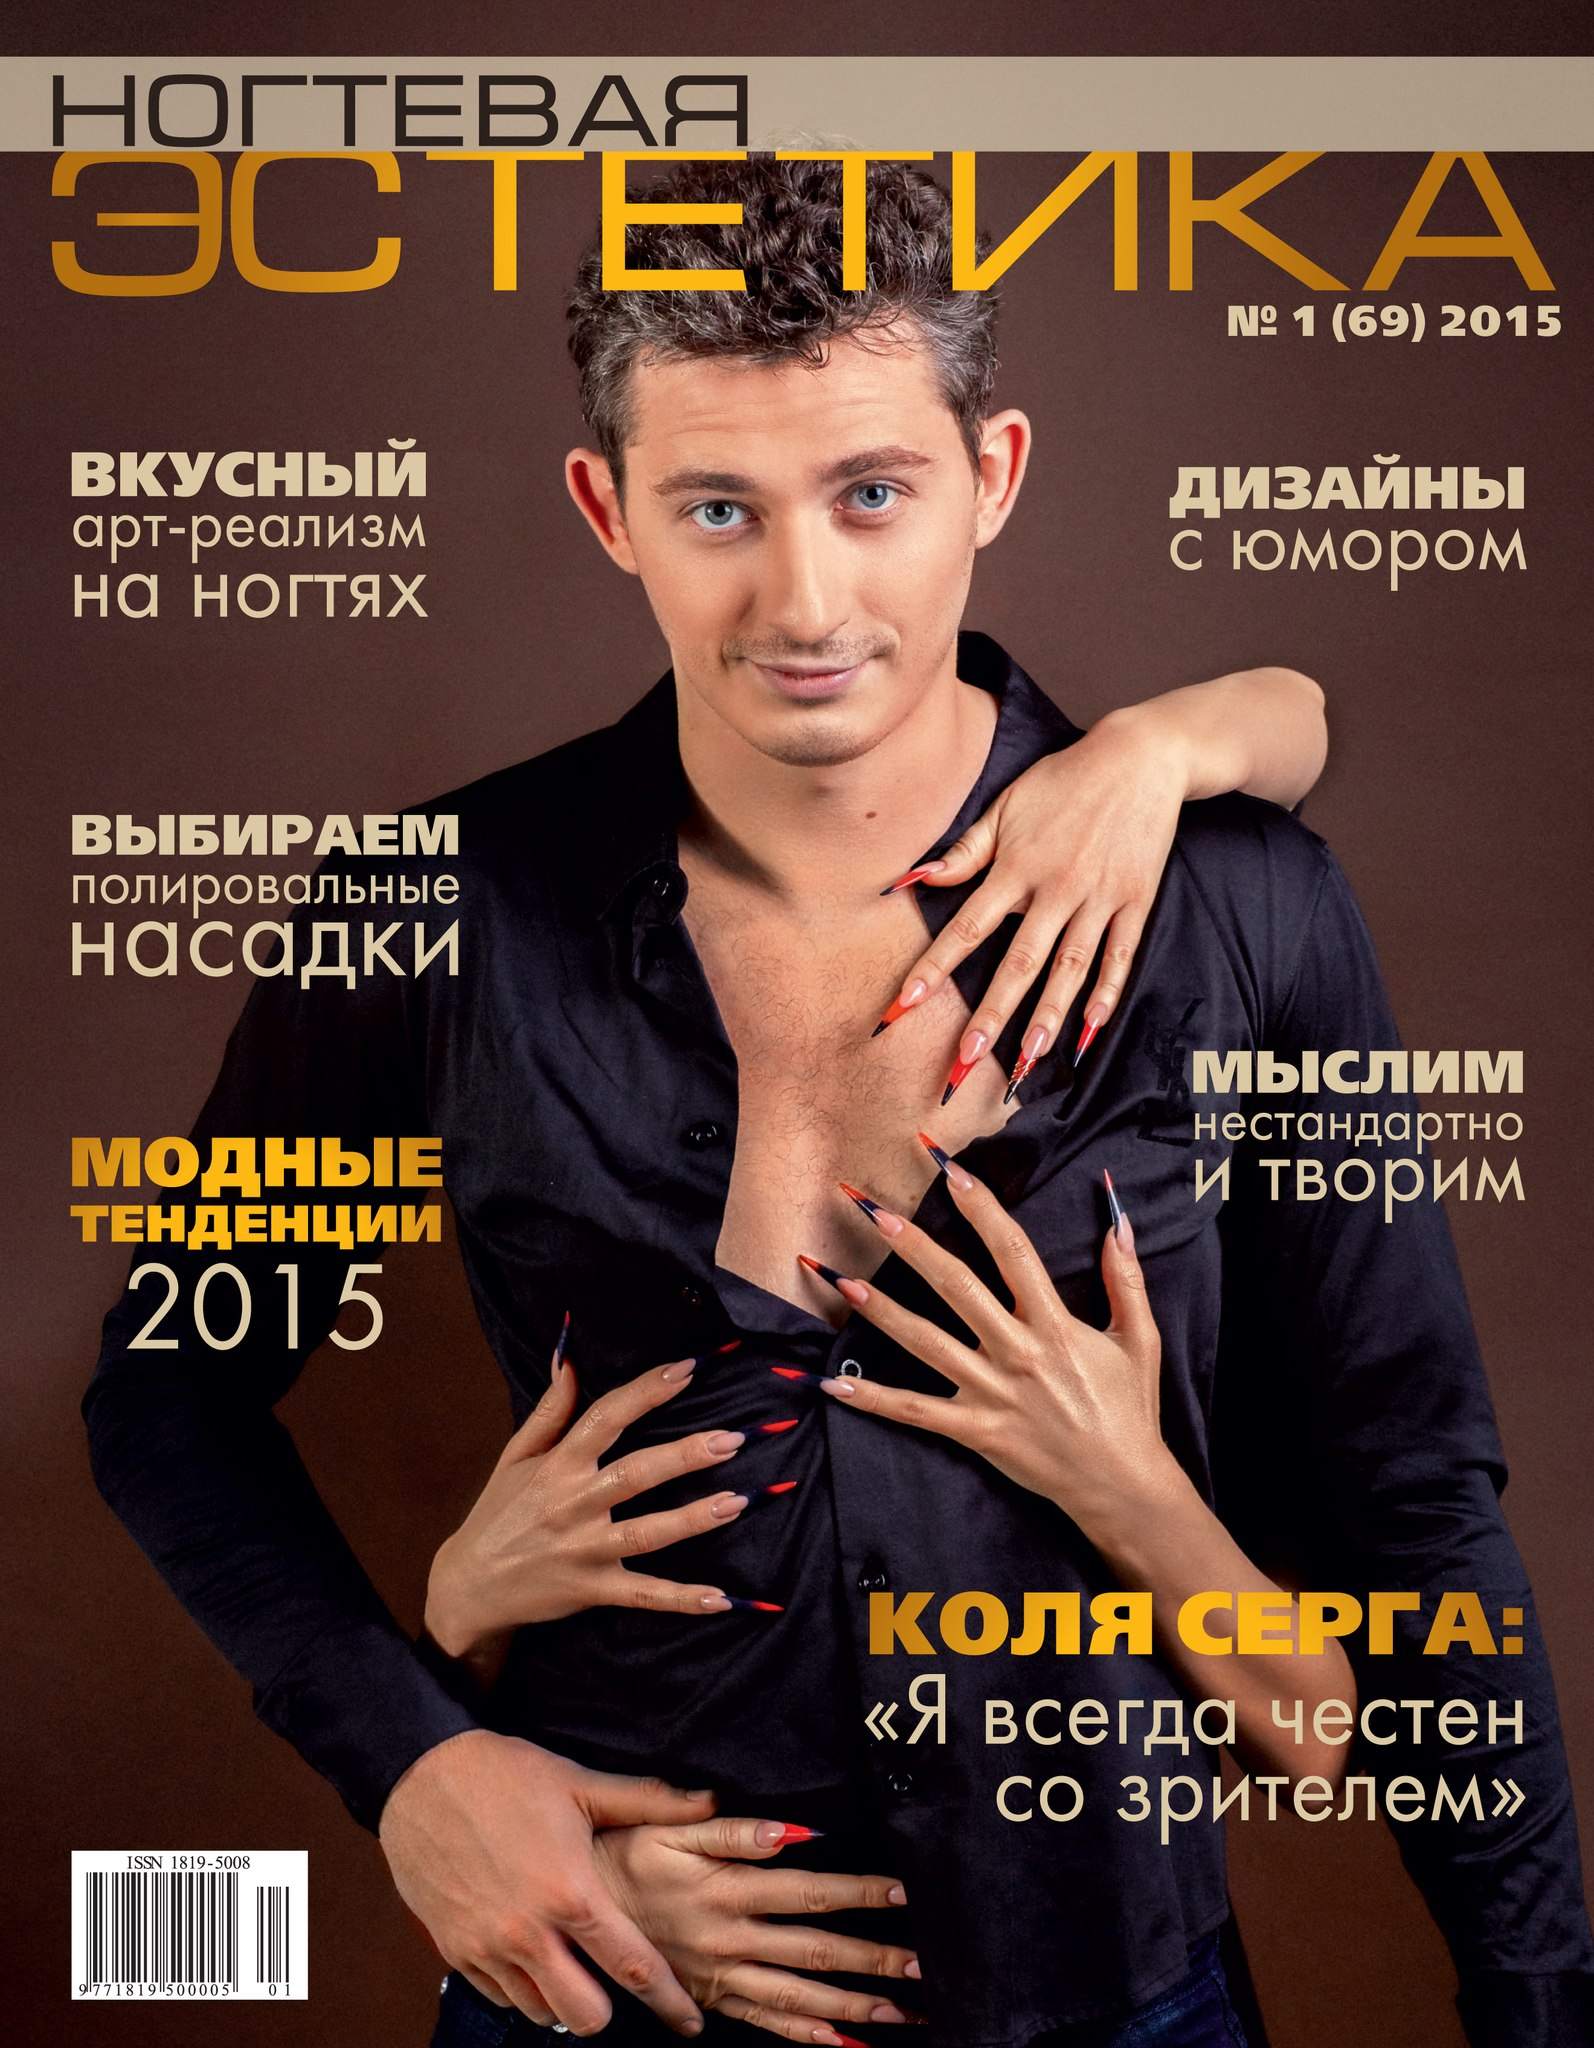 Nogtevaya estetika 2014 Serga Серьга коля обложка Ногтевой эстетики Алла Кравченко